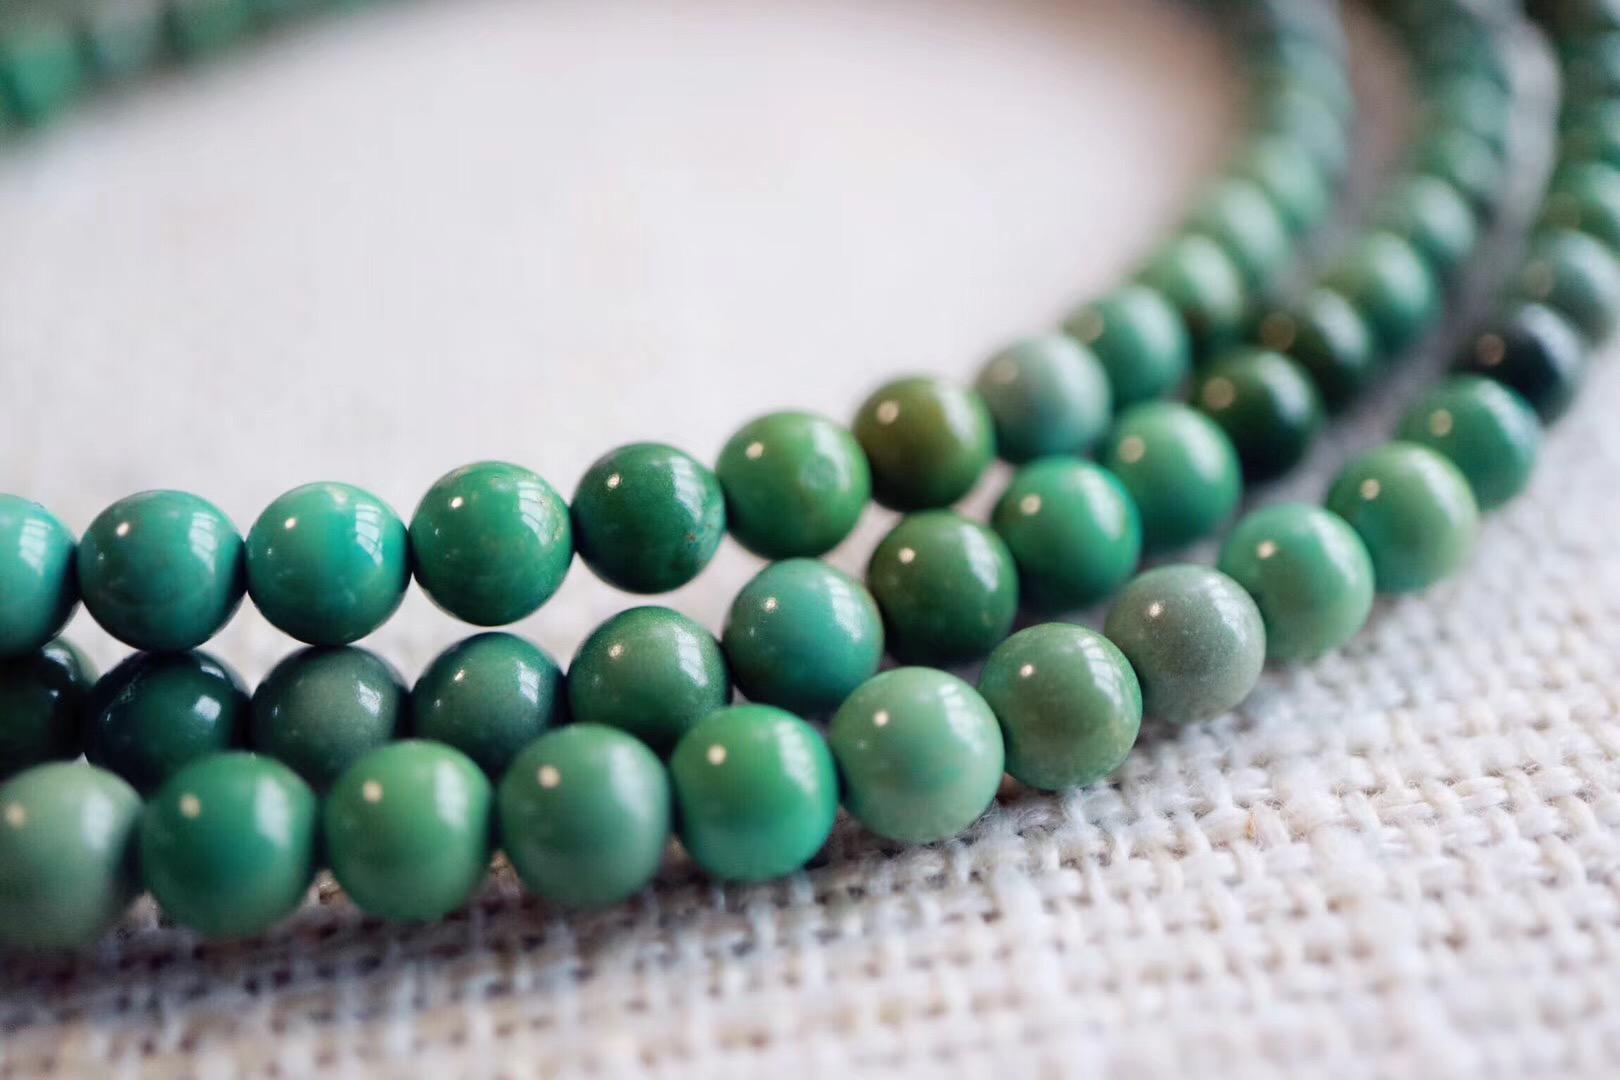 【菩心   原矿绿松石】一串素珠,闲暇之余把玩一番-菩心晶舍